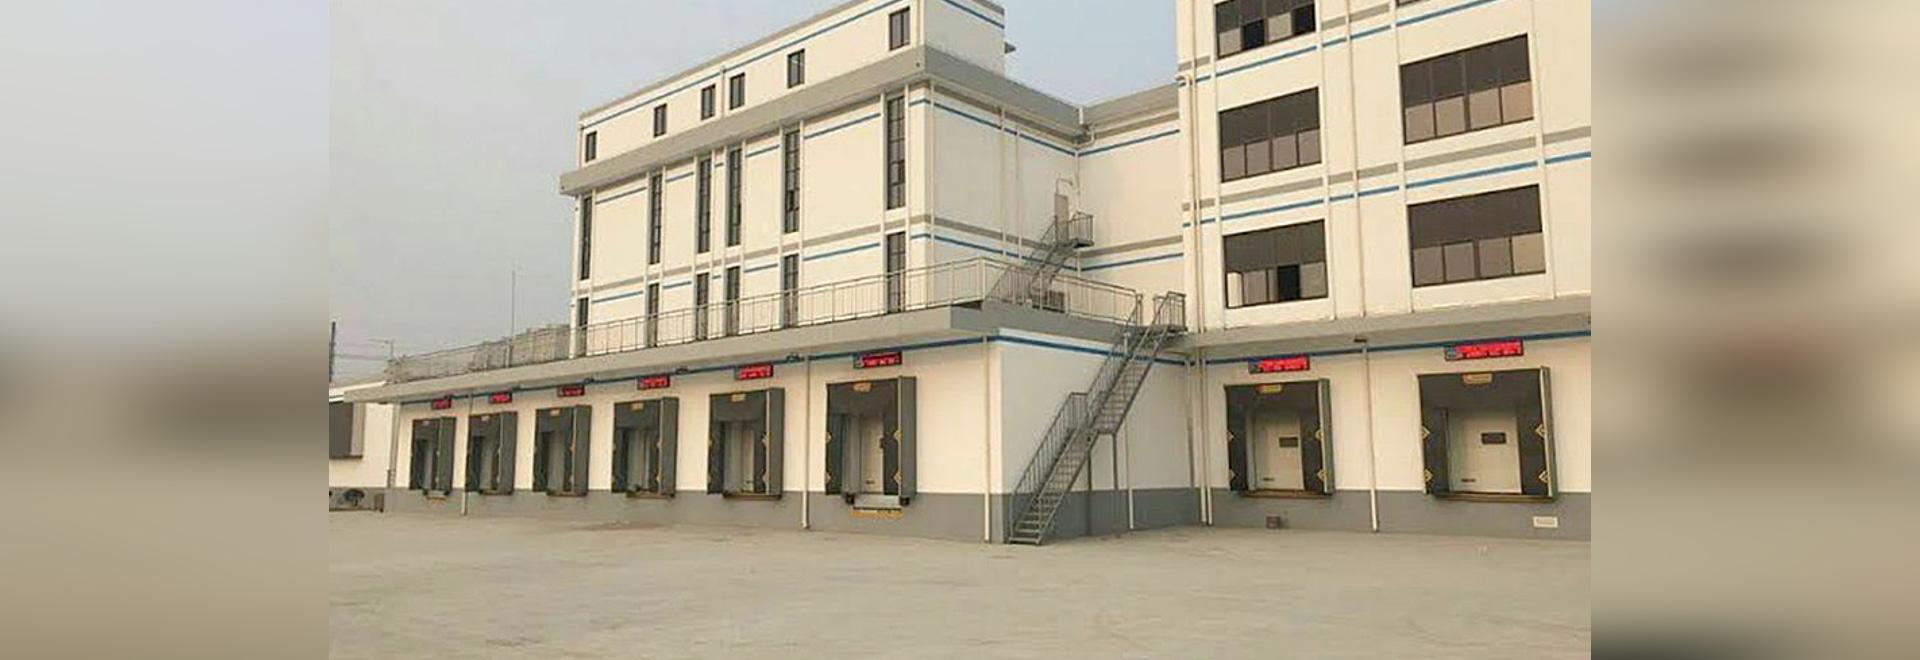 Die Warenlade und Abladesysteme von Kopron verbessern die Logistik der Universität von Shanghai.